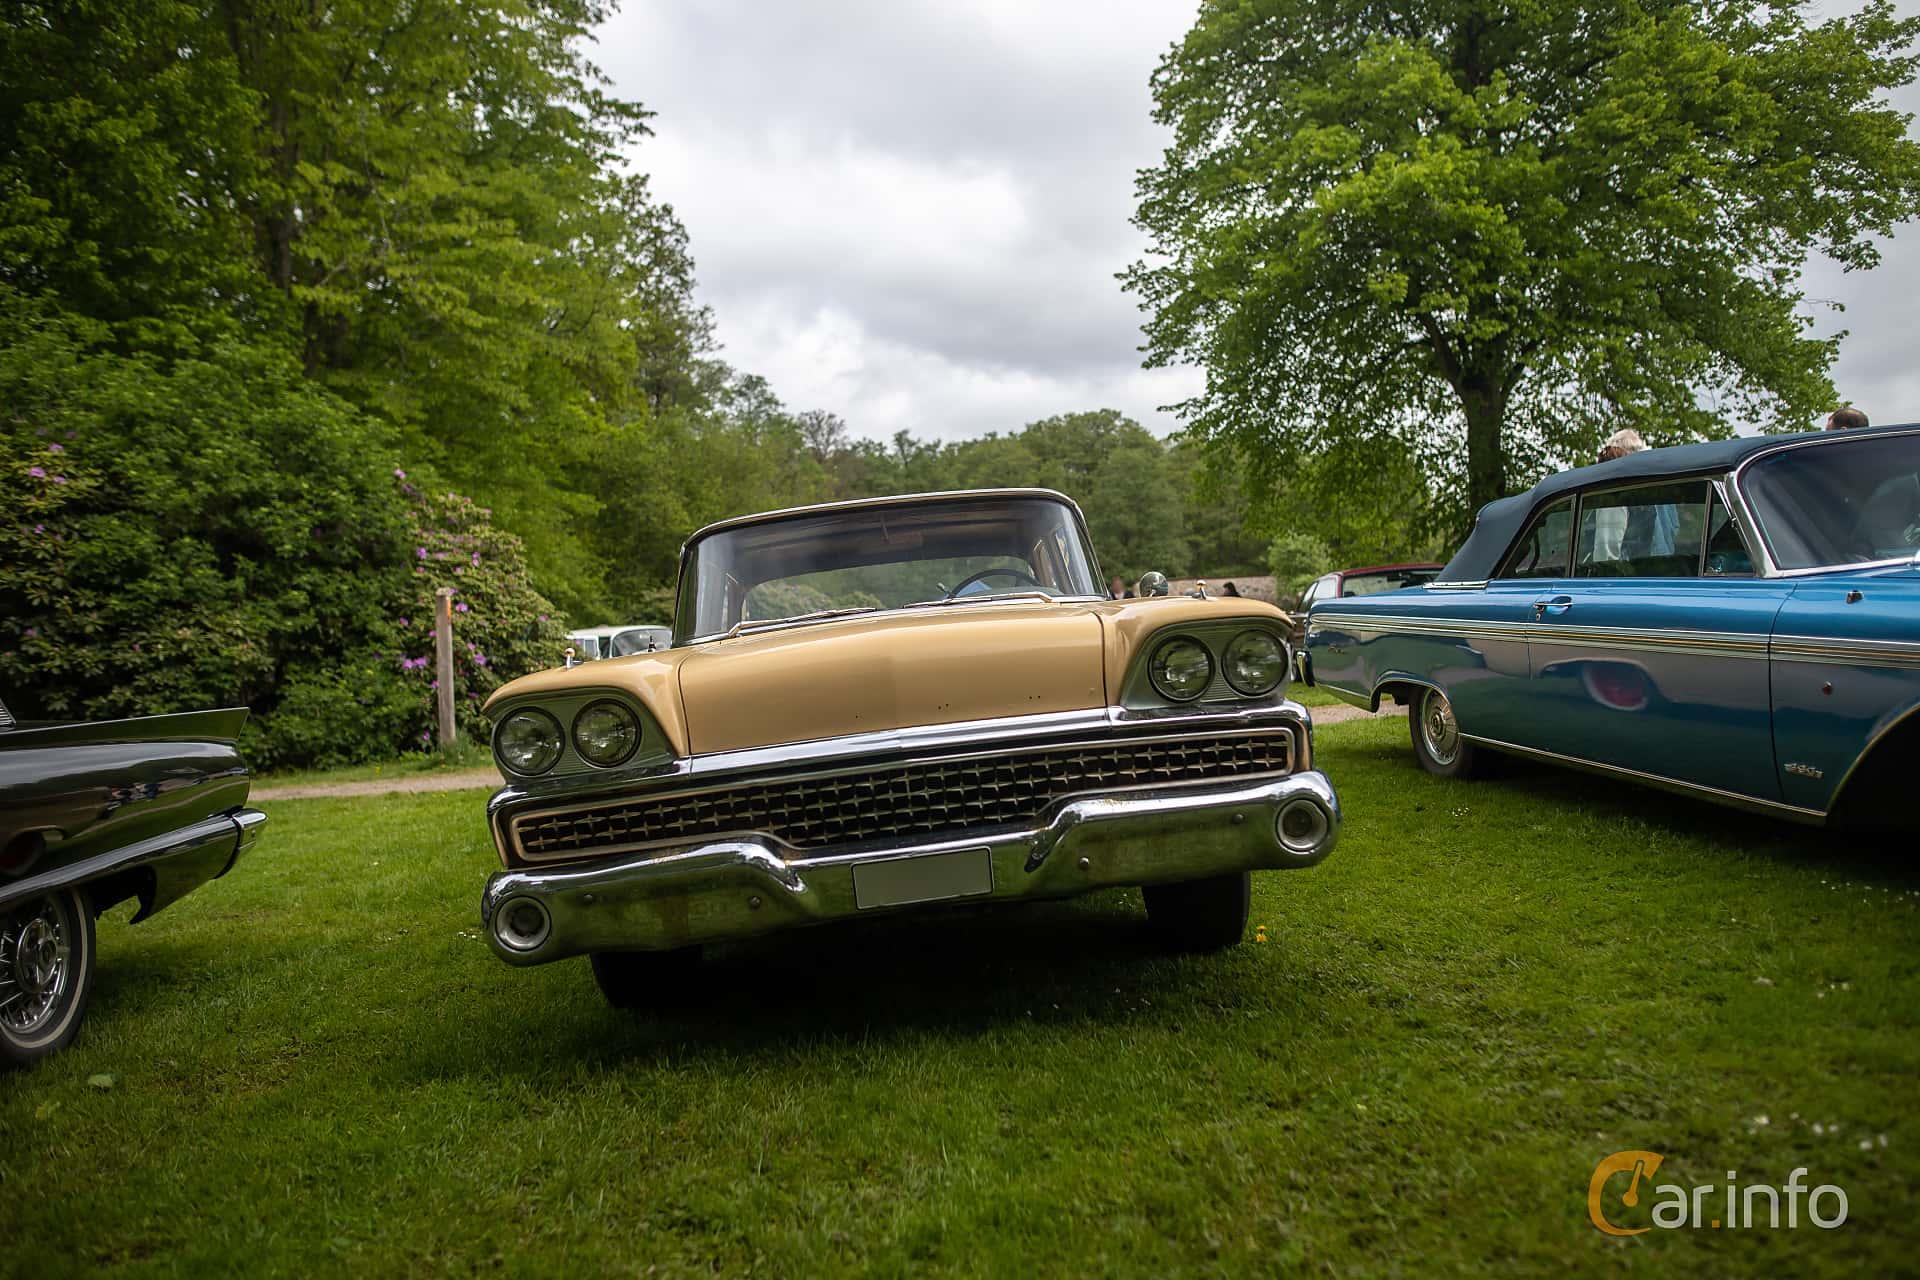 Ford Custom 300 Fordor Sedan 4.8 V8 Automatic, 203hp, 1959 at Hässleholm Power Start of Summer Meet 2019